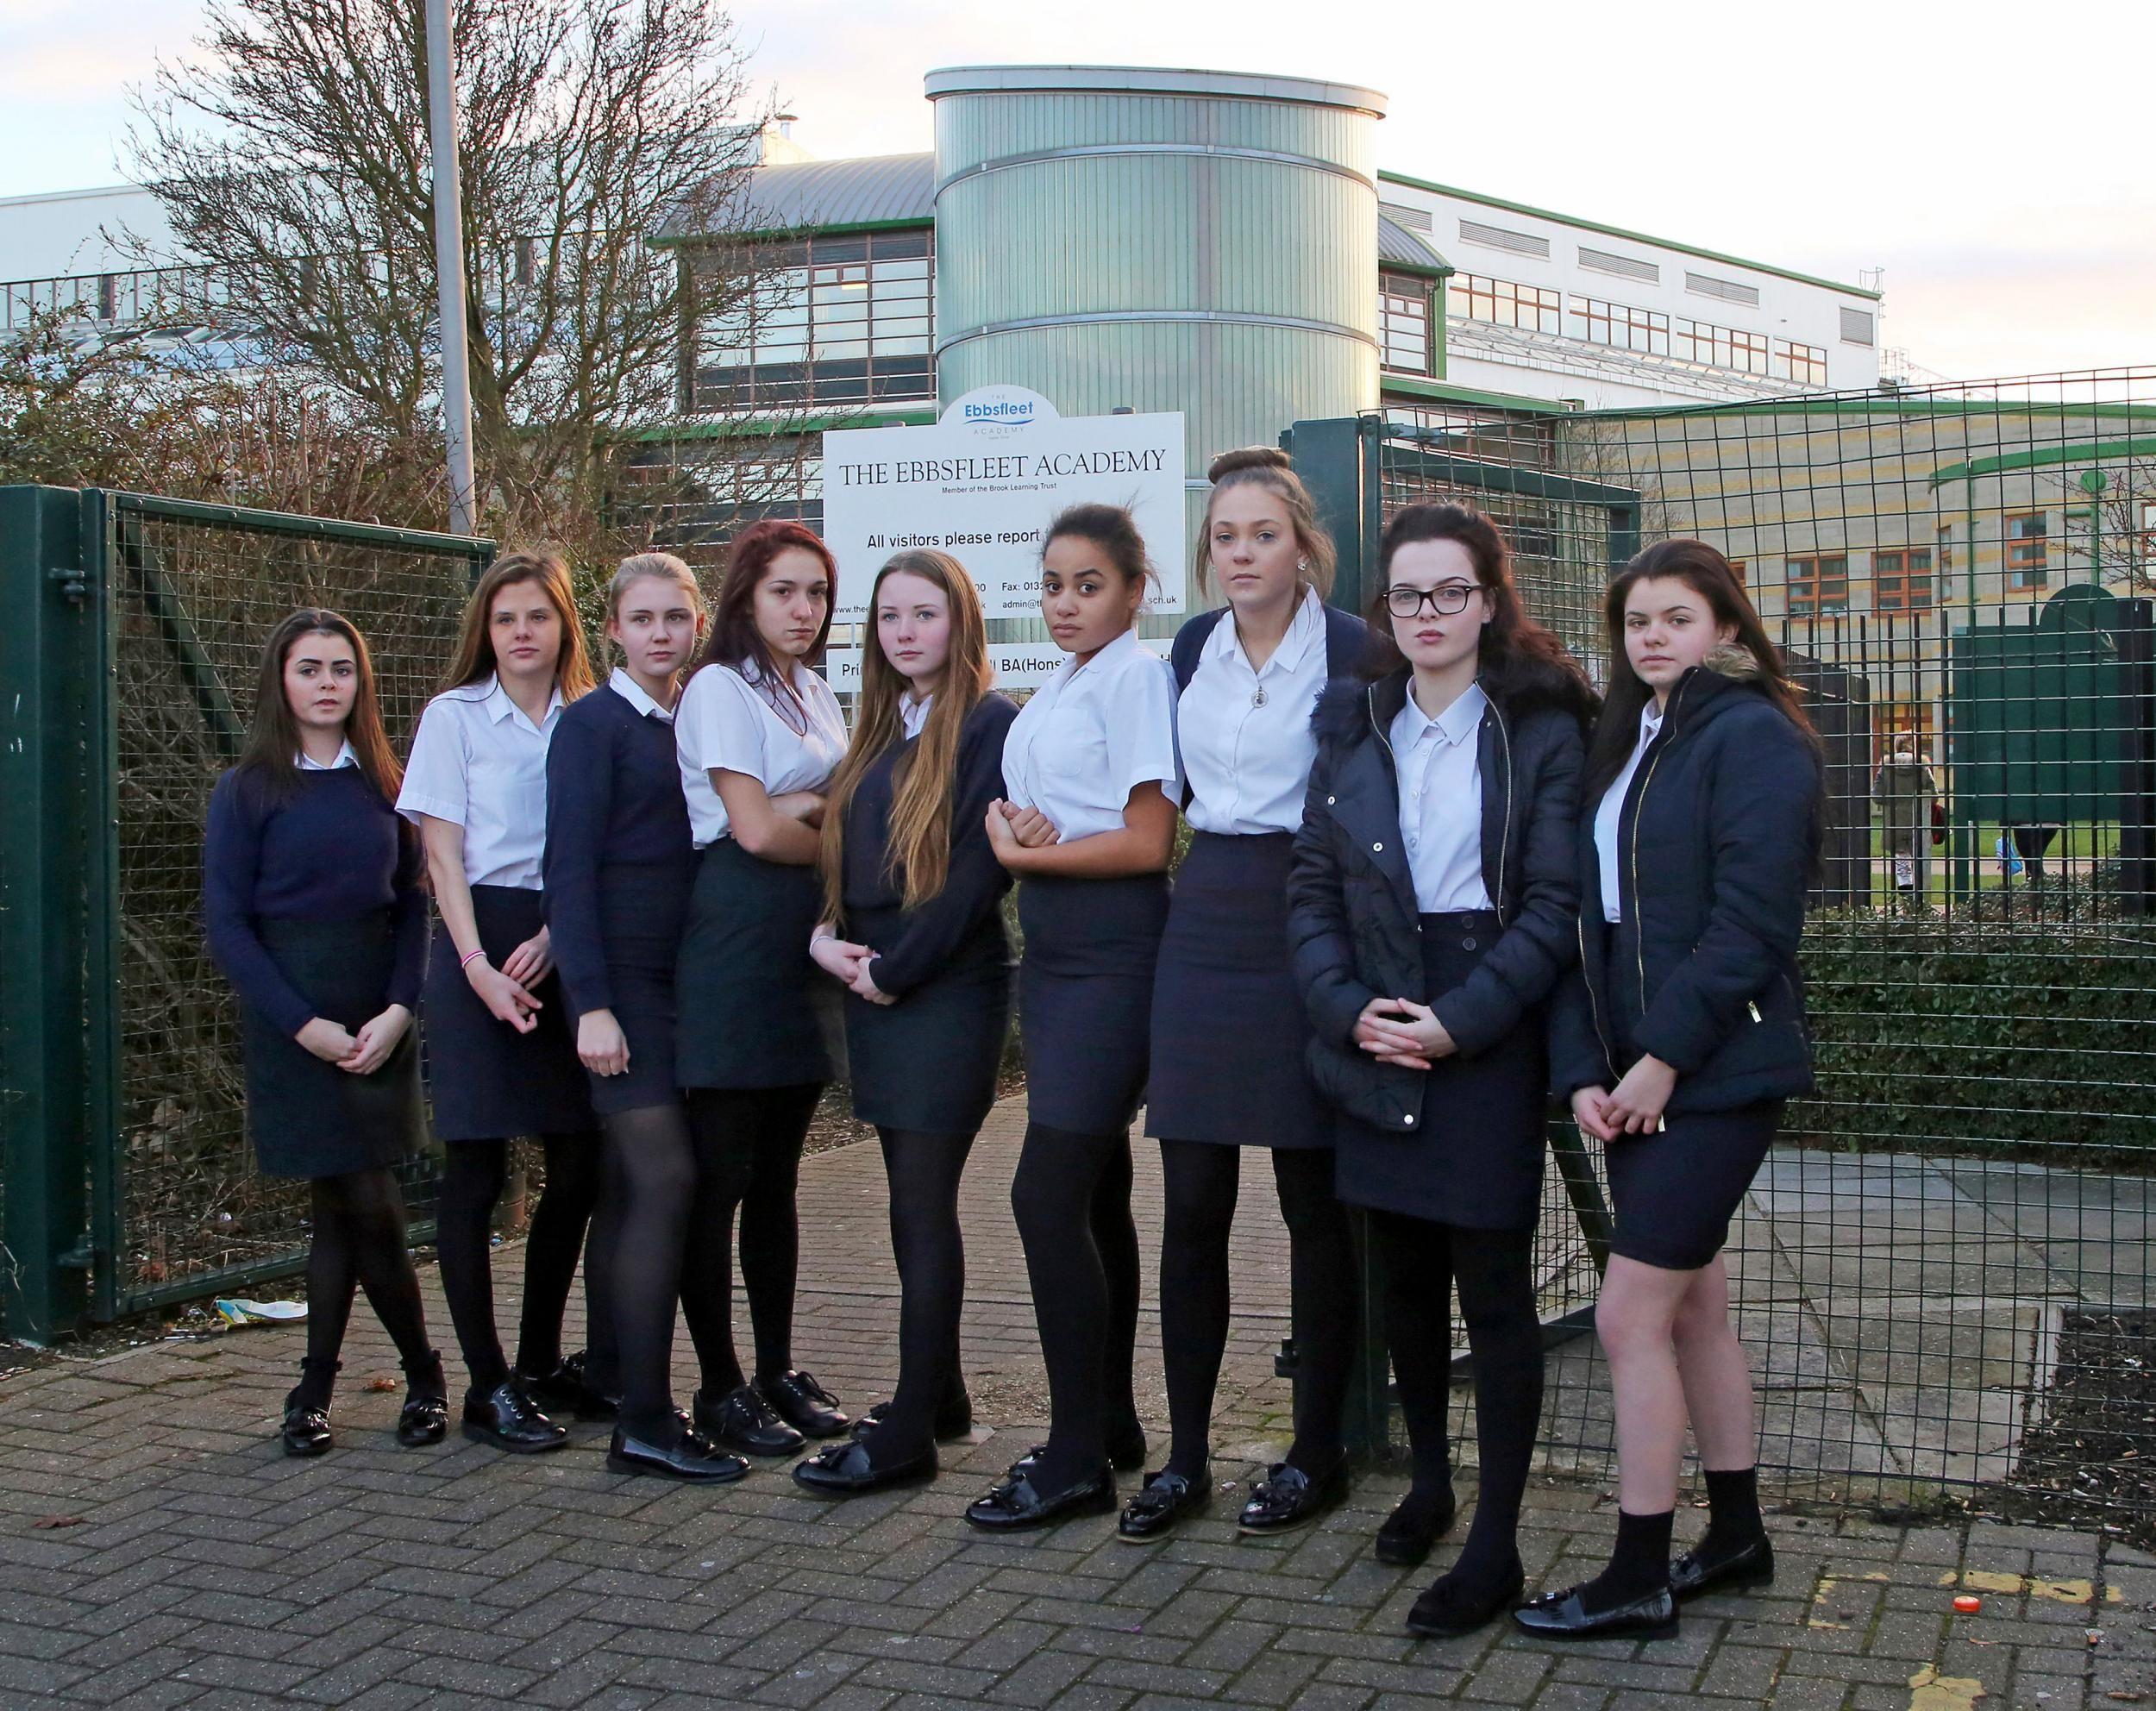 Parents furious after Ebbsfleet Academy headteacher sends schoolgirls home for skirts '5cm above the knee' - Evening Standard